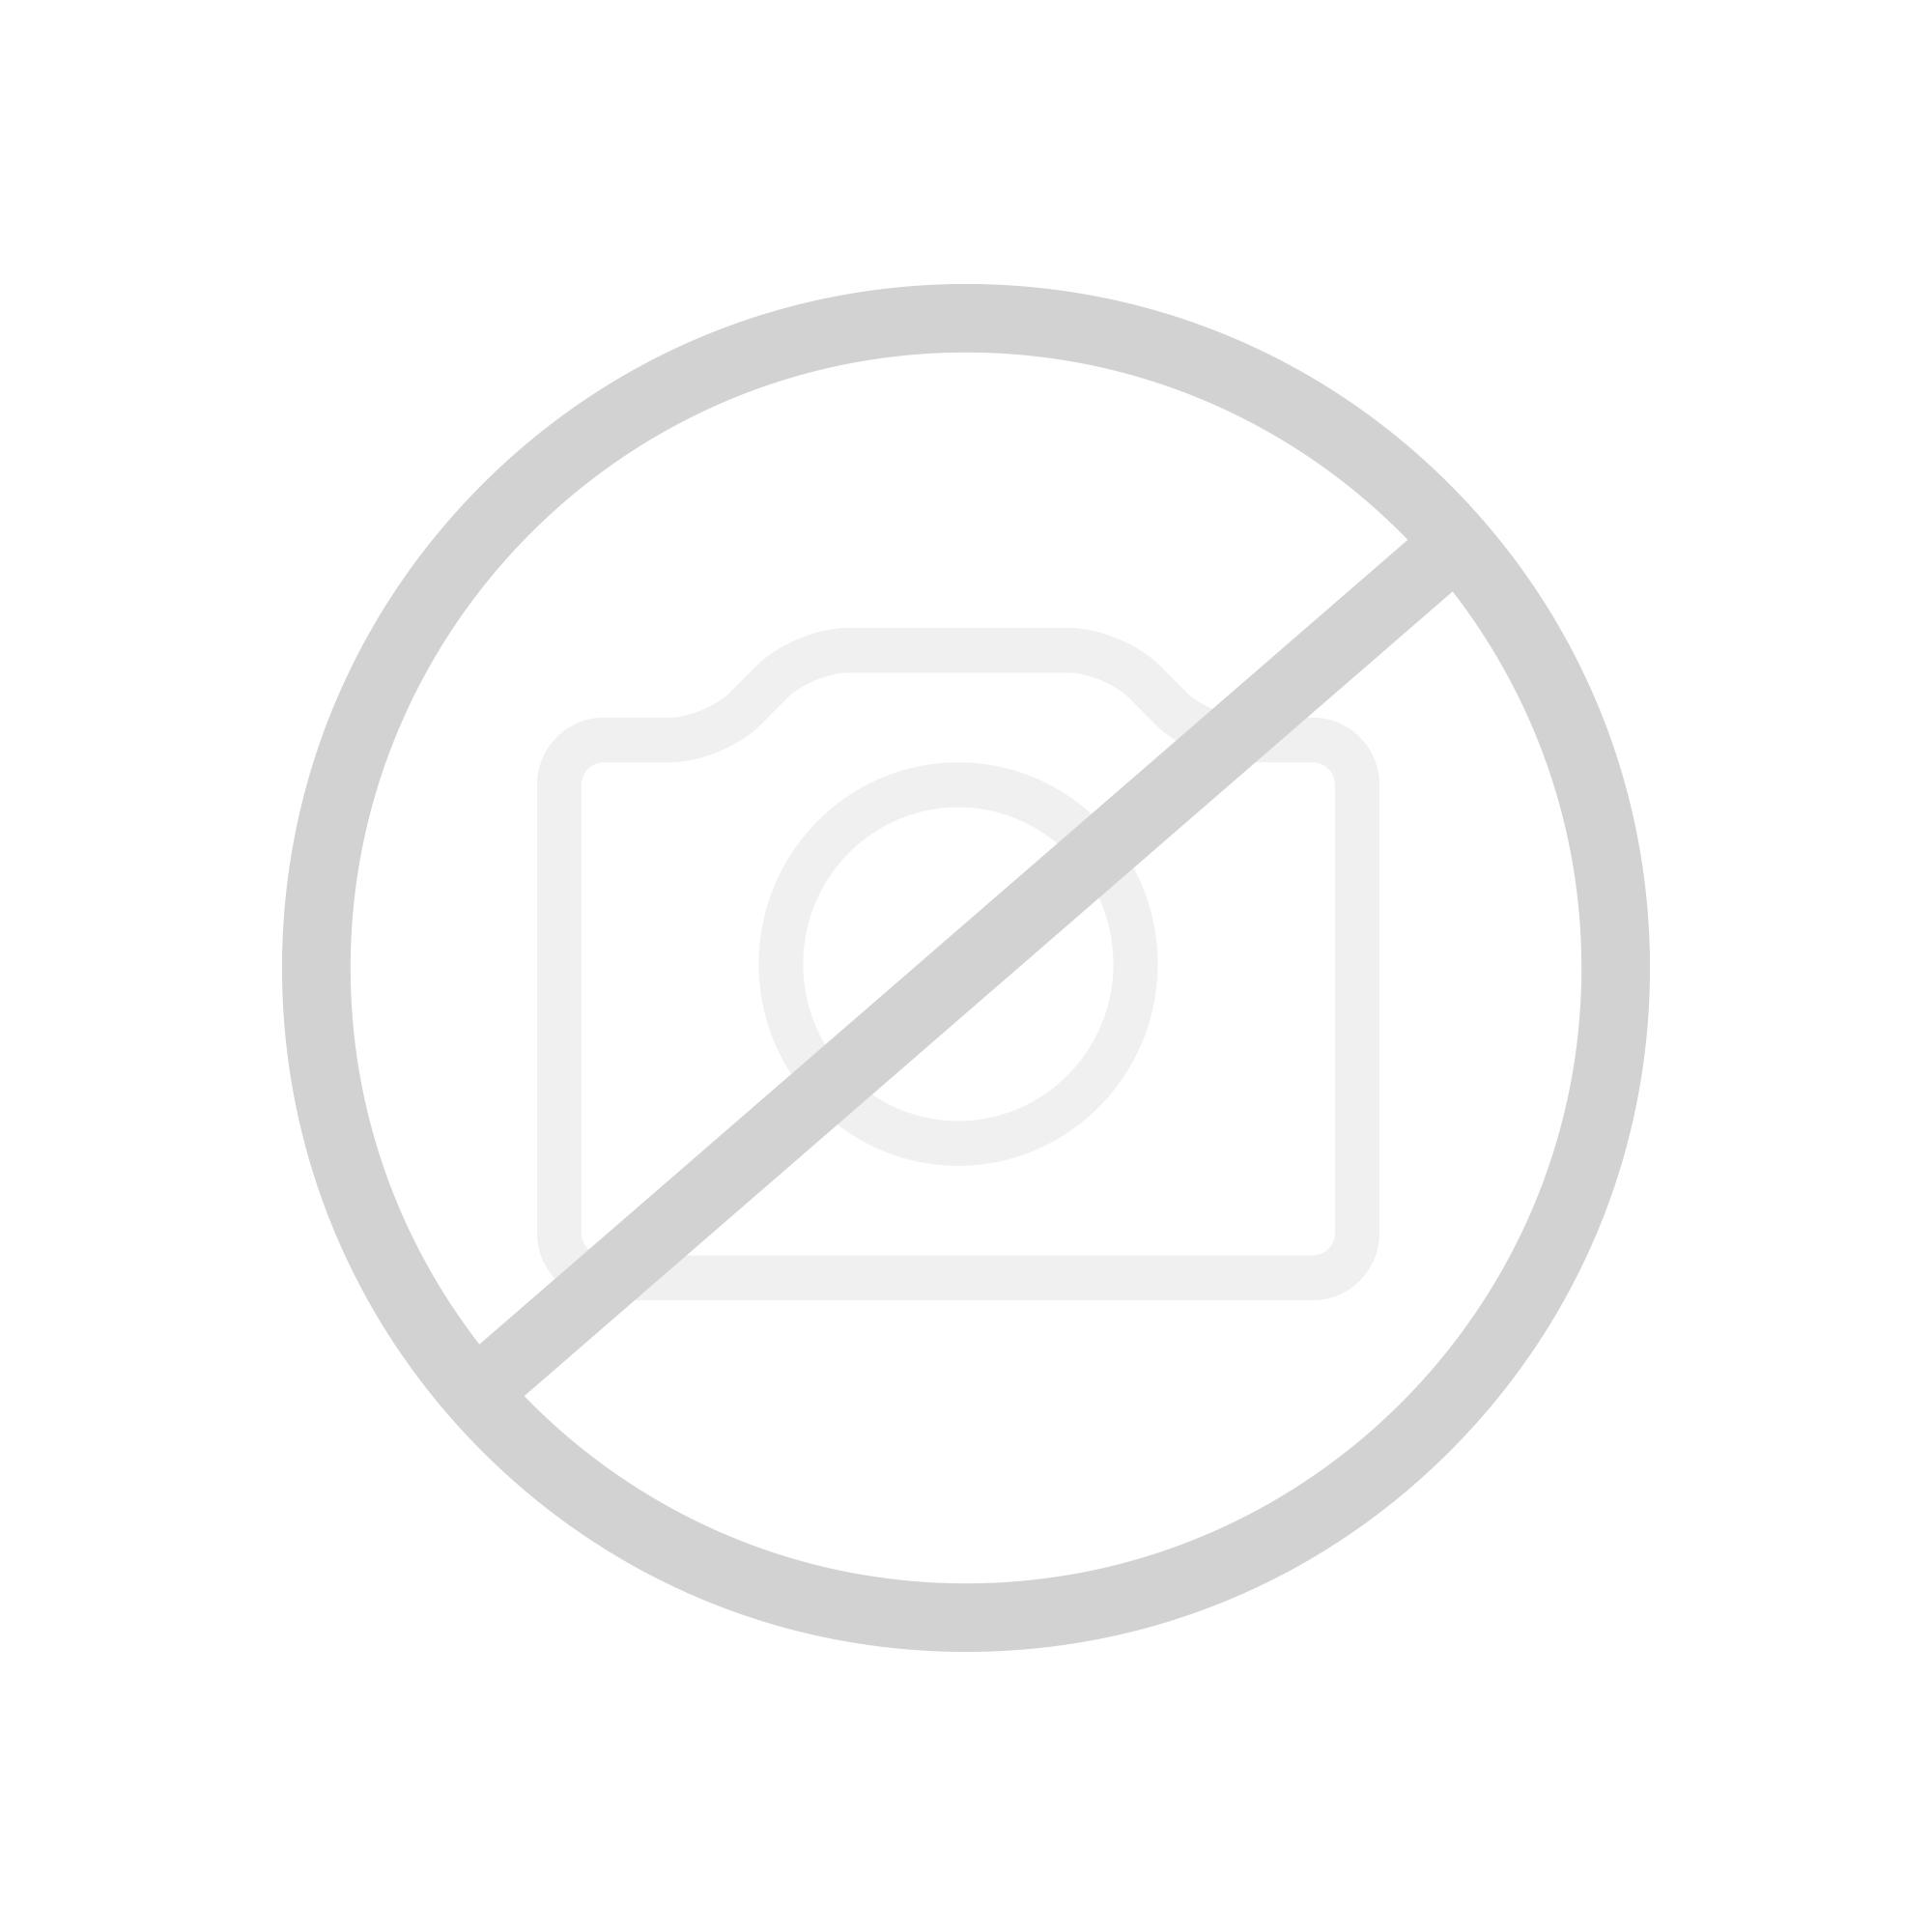 Grohe K7 Einhand-Spültischbatterie, DN 15 chrom